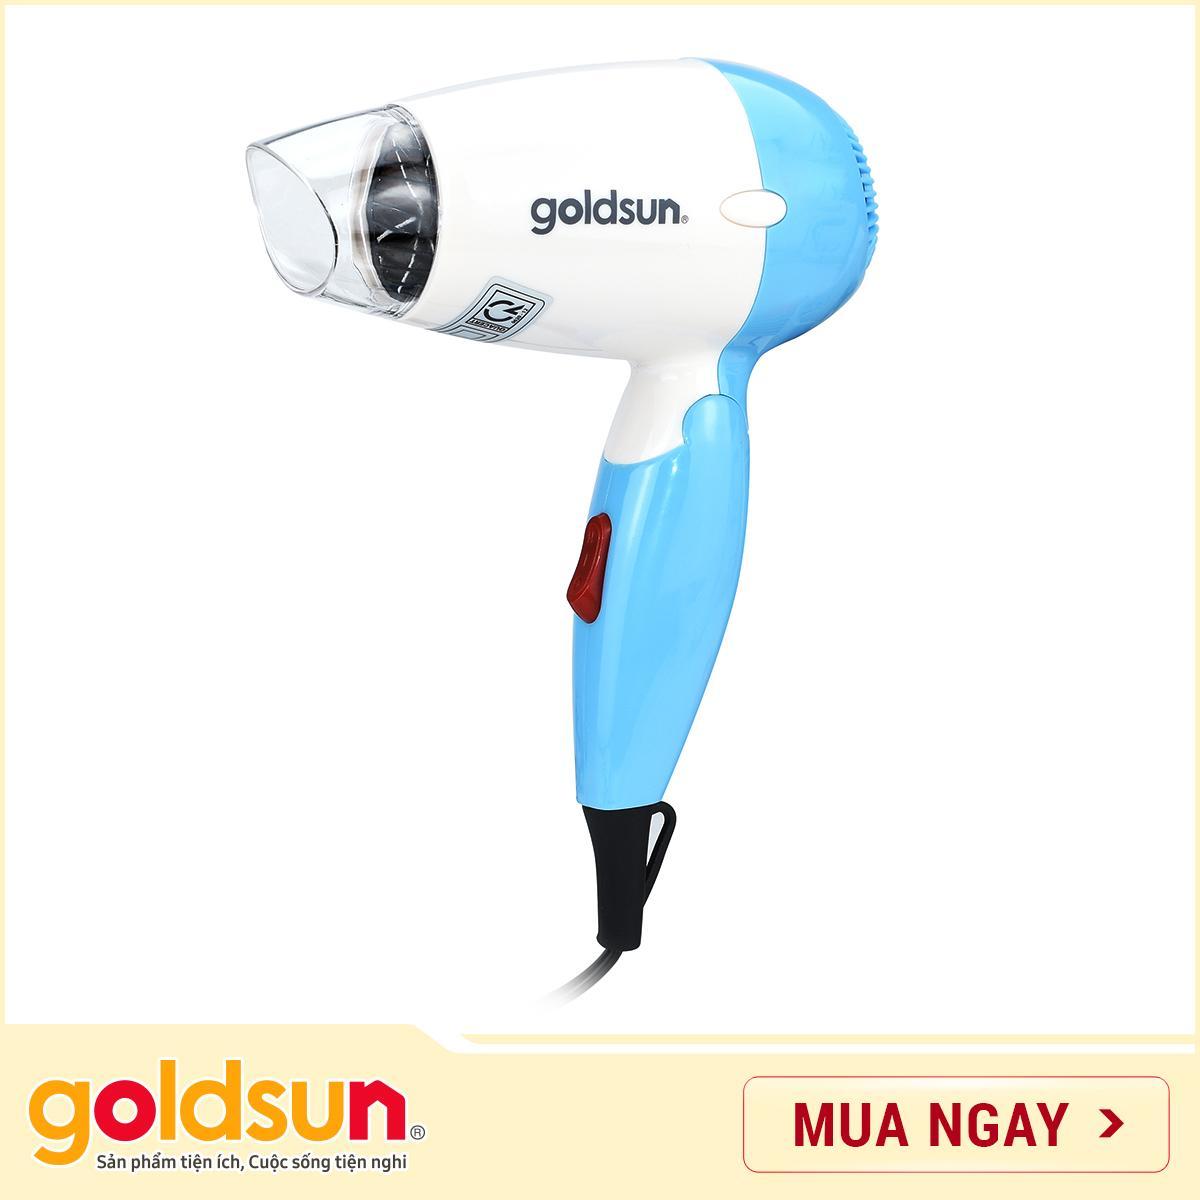 Máy sấy tóc Goldsun 650W HD-GXD850 (xanh) cao cấp